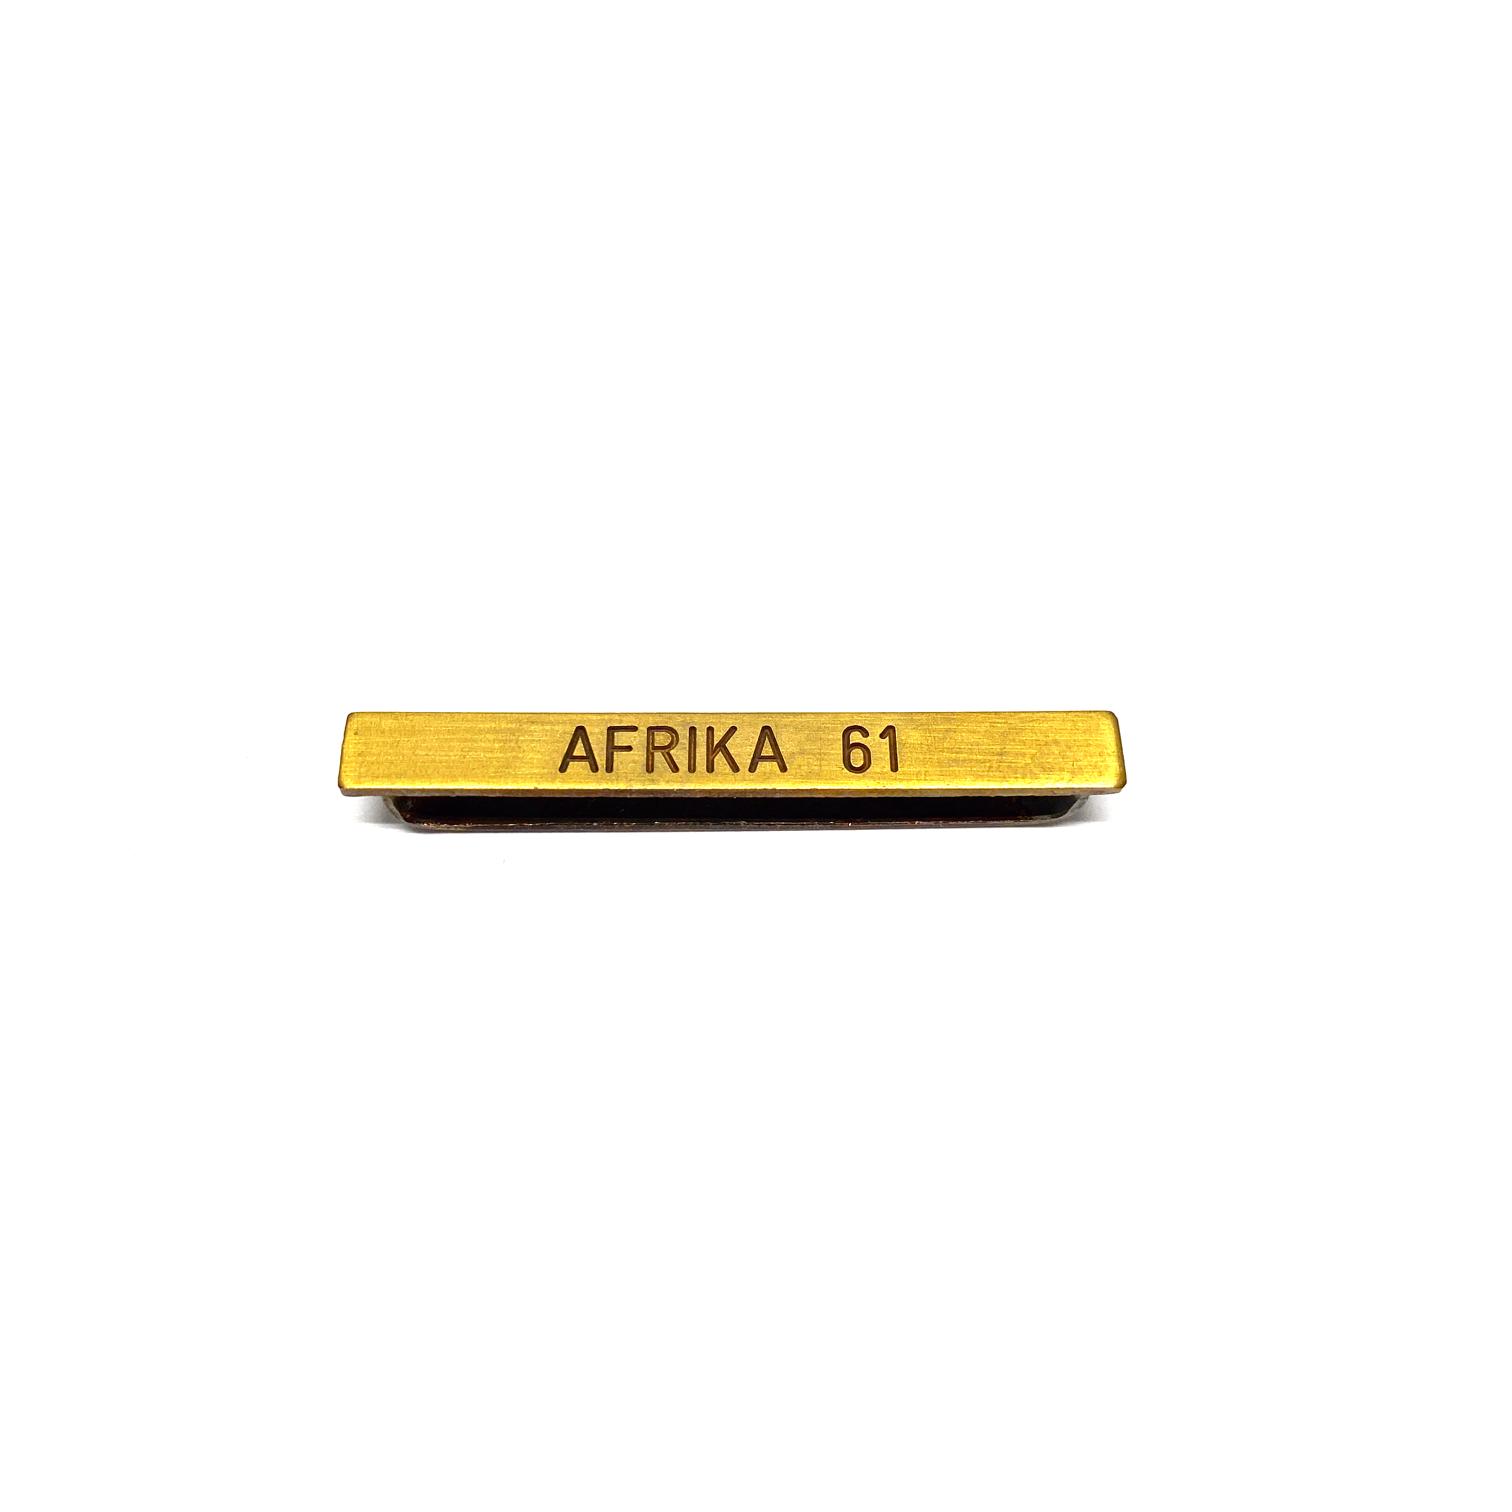 Barrette Afrika 61 pour décorations militaires